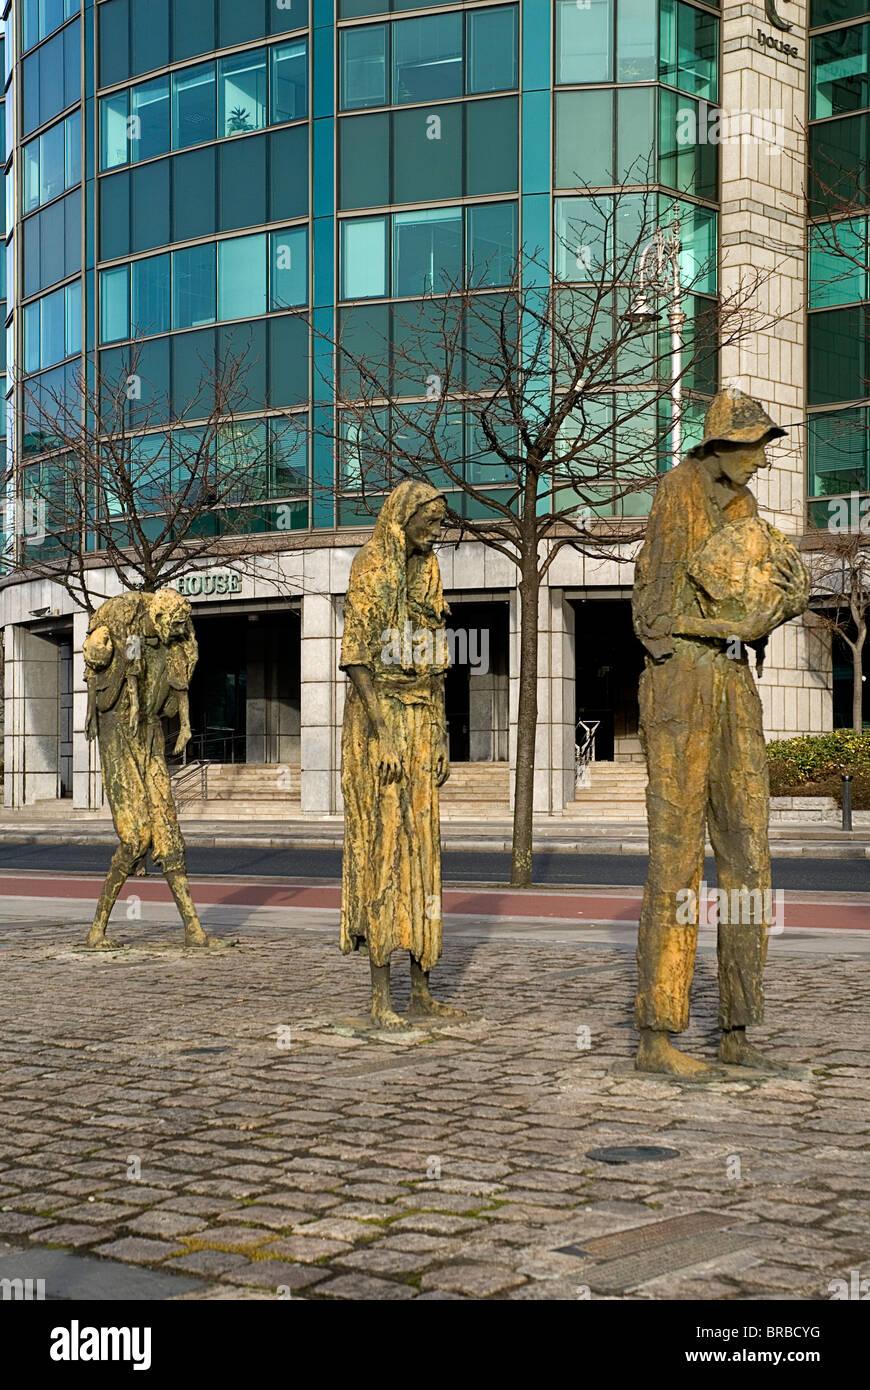 IRELAND County Dublin Dublin City - Stock Image